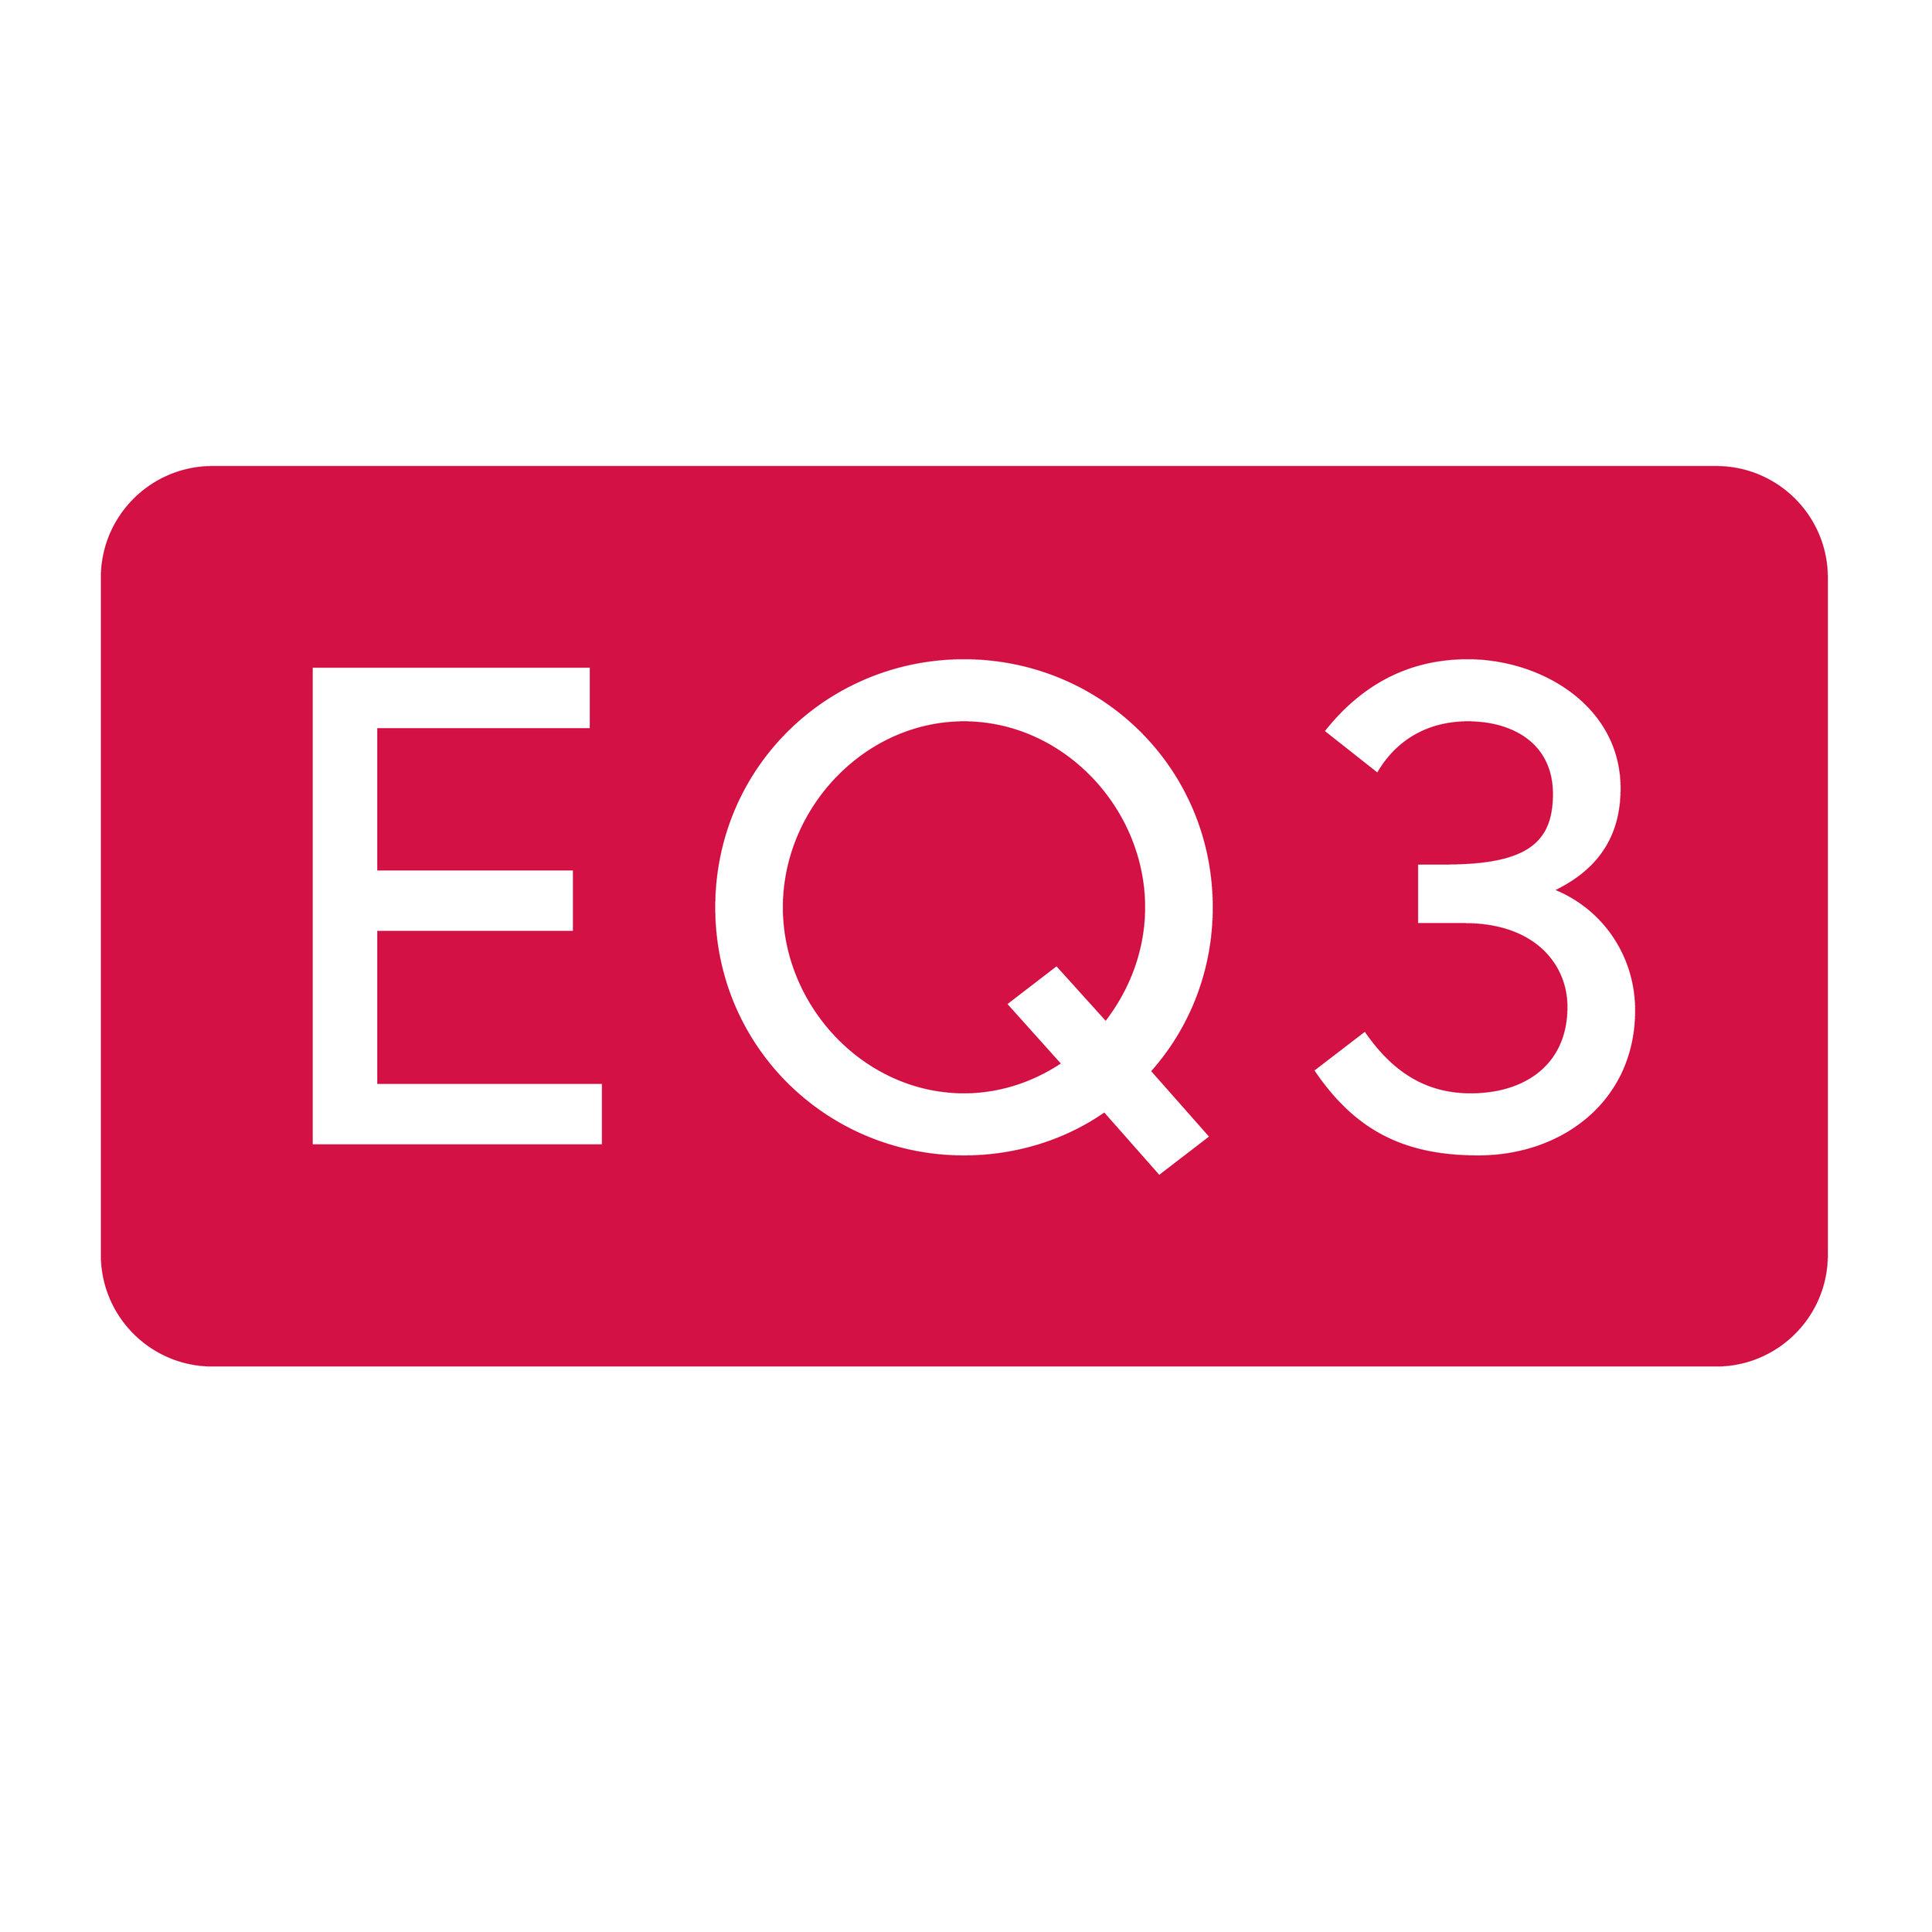 eq3.jpg